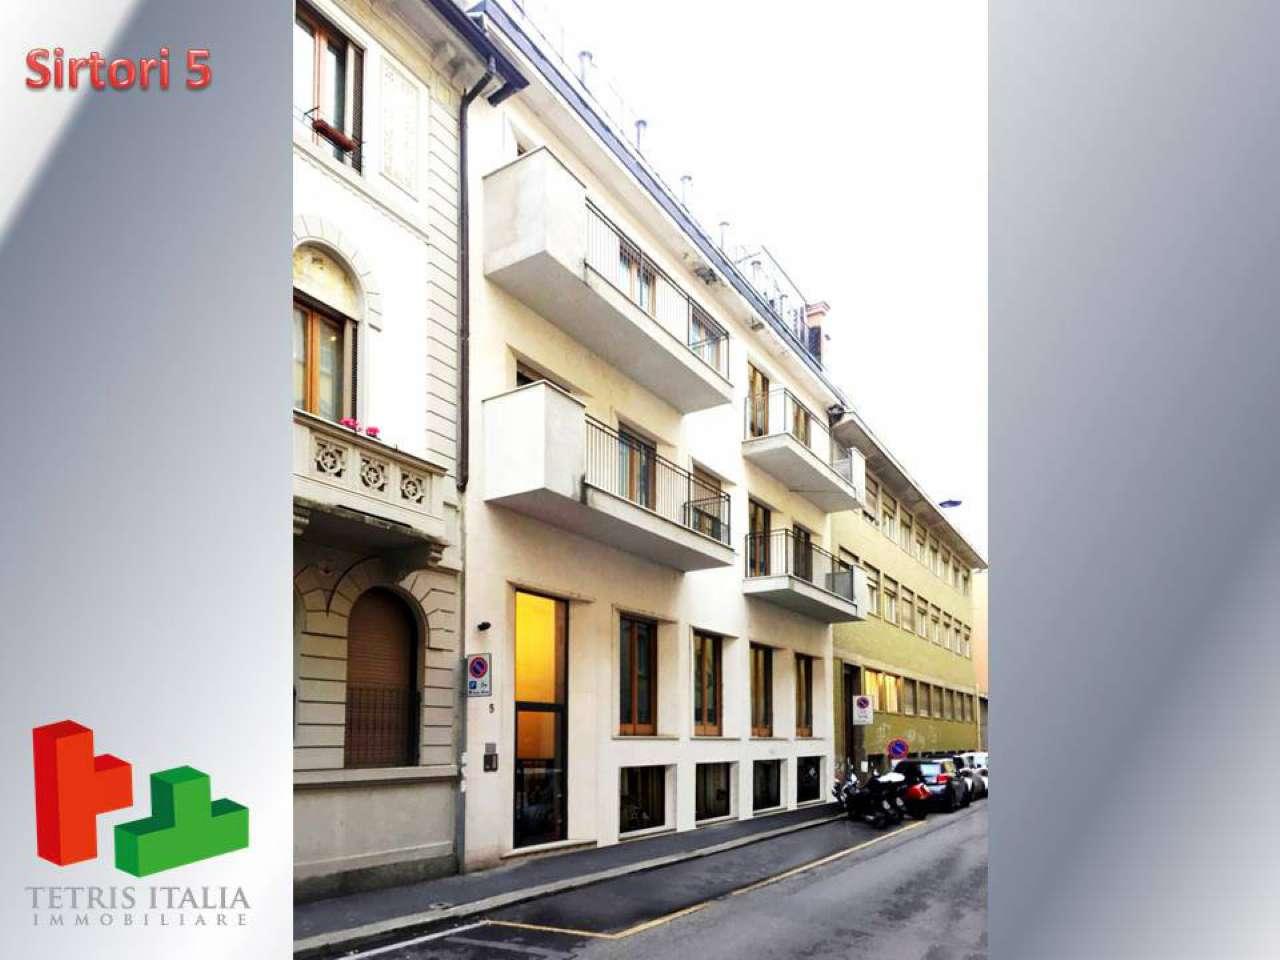 Ufficio / Studio in vendita a Milano, 4 locali, zona Zona: 4 . Buenos Aires, Indipendenza, P.ta Venezia, Regina Giovanna, Dateo, prezzo € 1.030.000 | CambioCasa.it